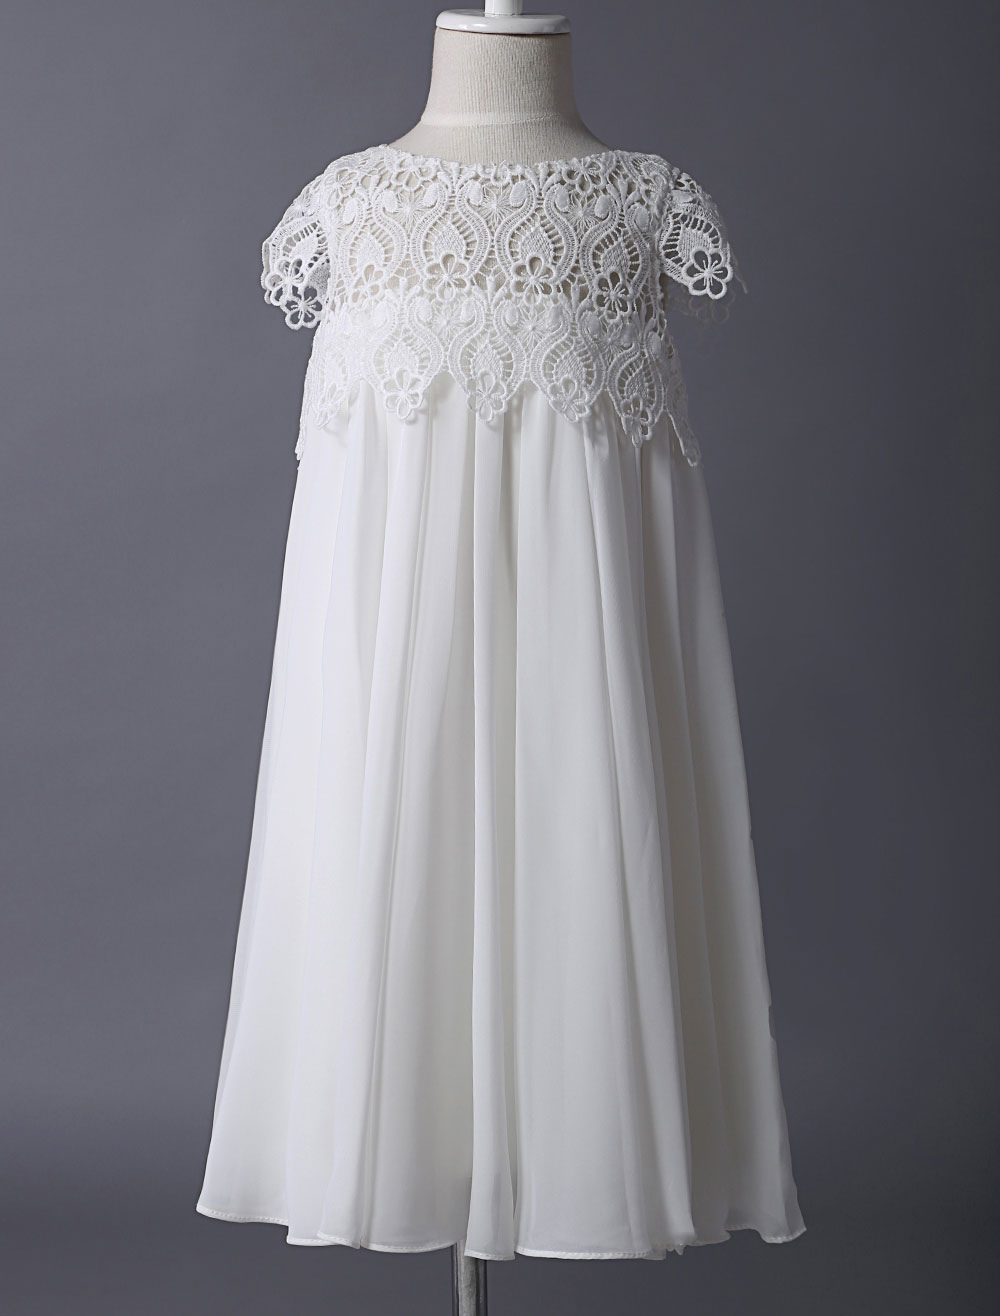 Blumenmädchen Kleider A-Linie- Abendkleider für Hochzeit knielang mit  Rundkragen Hochzeit Chiffon Kurzarm kleid blumenmädchen und Reißverschluss